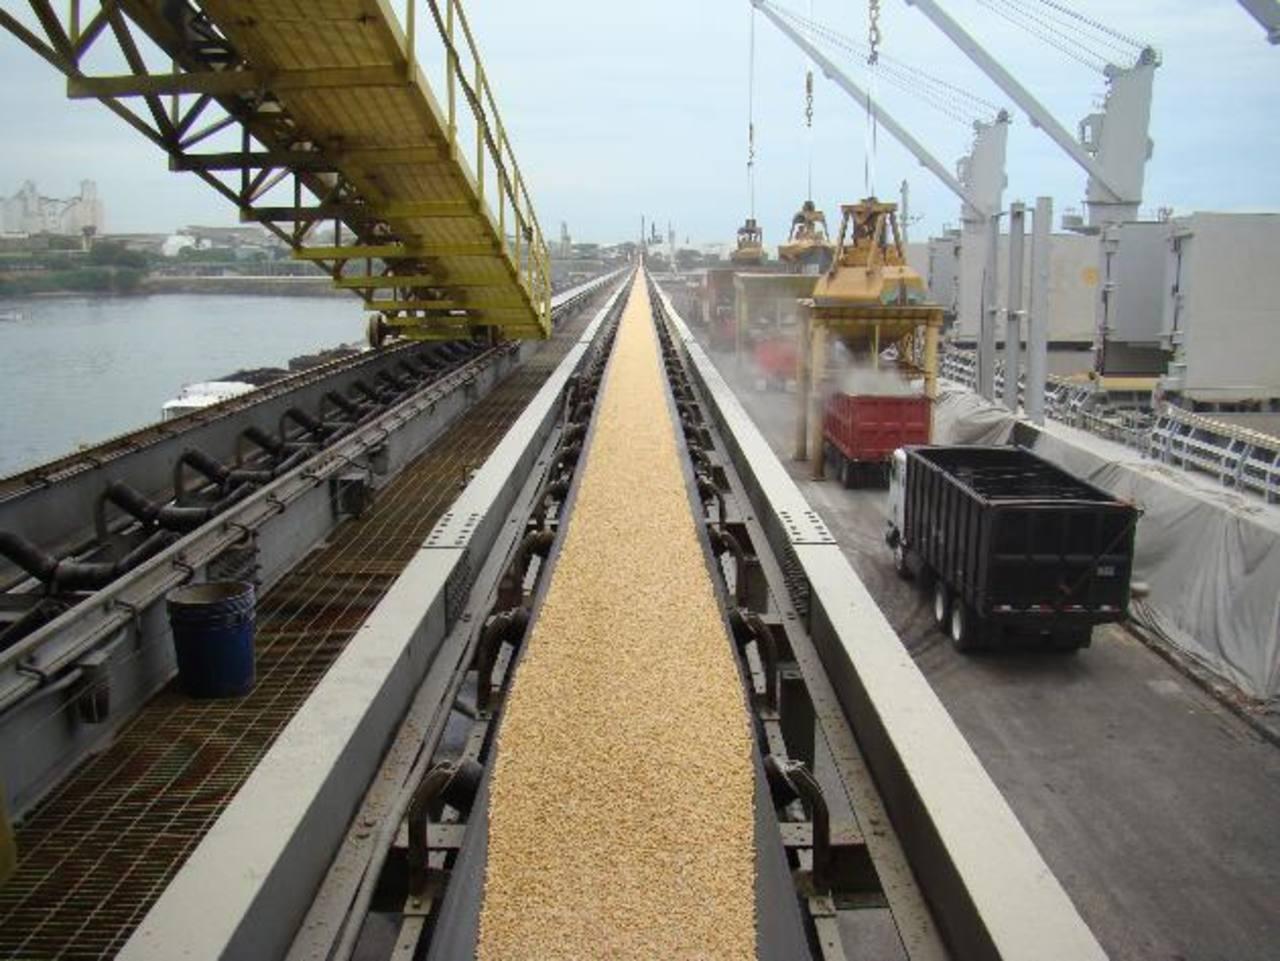 Gumarsal importó los cereales para hacer frente a la baja producción que enfrenta el país. foto/edh/Archivo